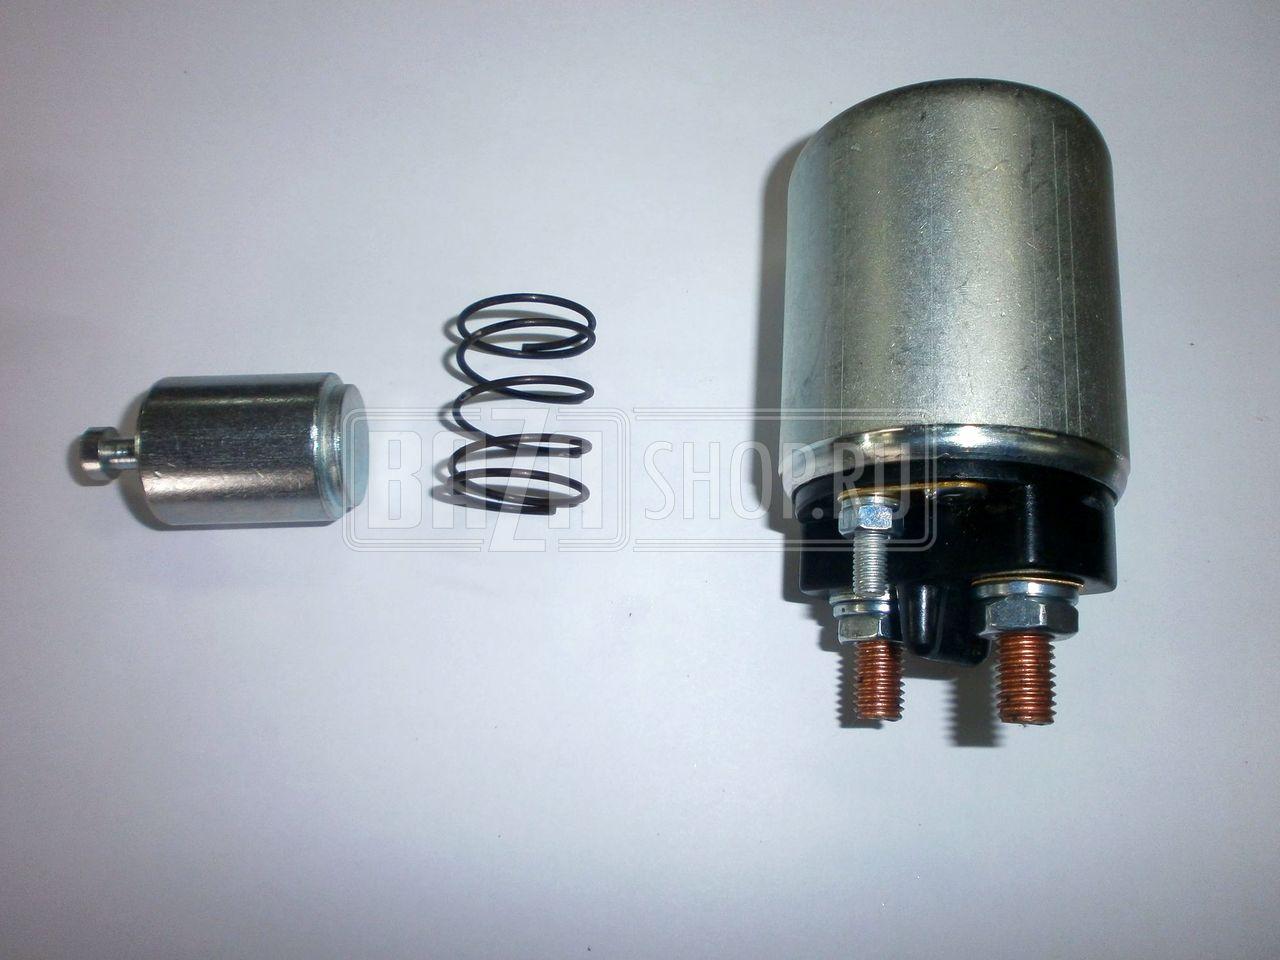 Уплотнения теплообменника КС 50 Чебоксары Пластинчатый теплообменник ONDA GT022 Сыктывкар